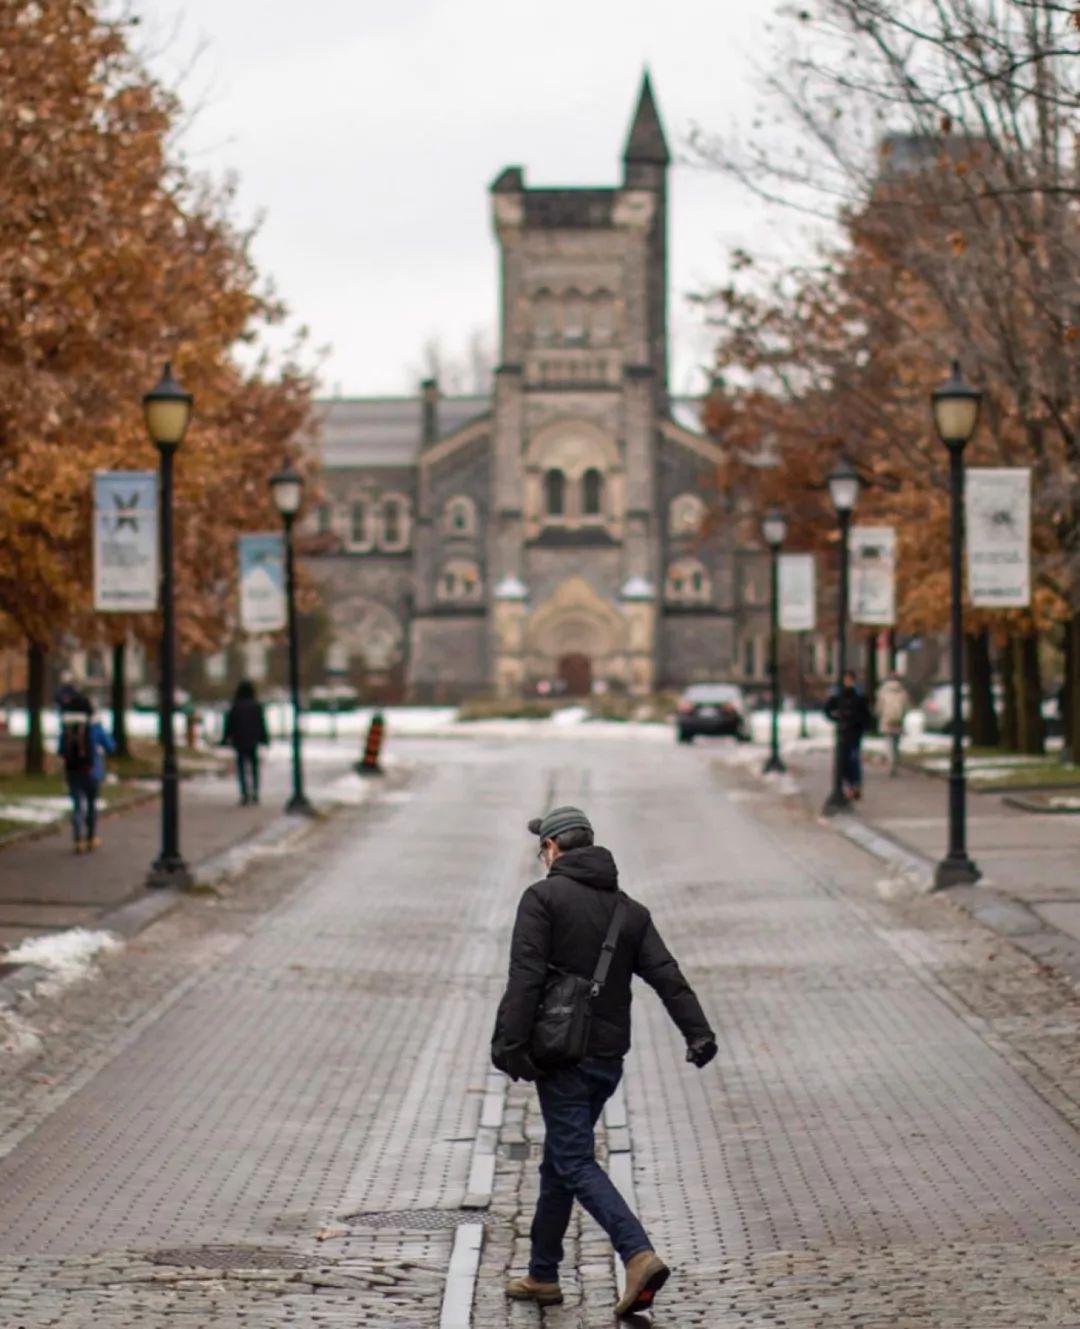 全世界学子趋之若鹜的名校!在多伦多大学,领略北美顶尖学府的魅力!